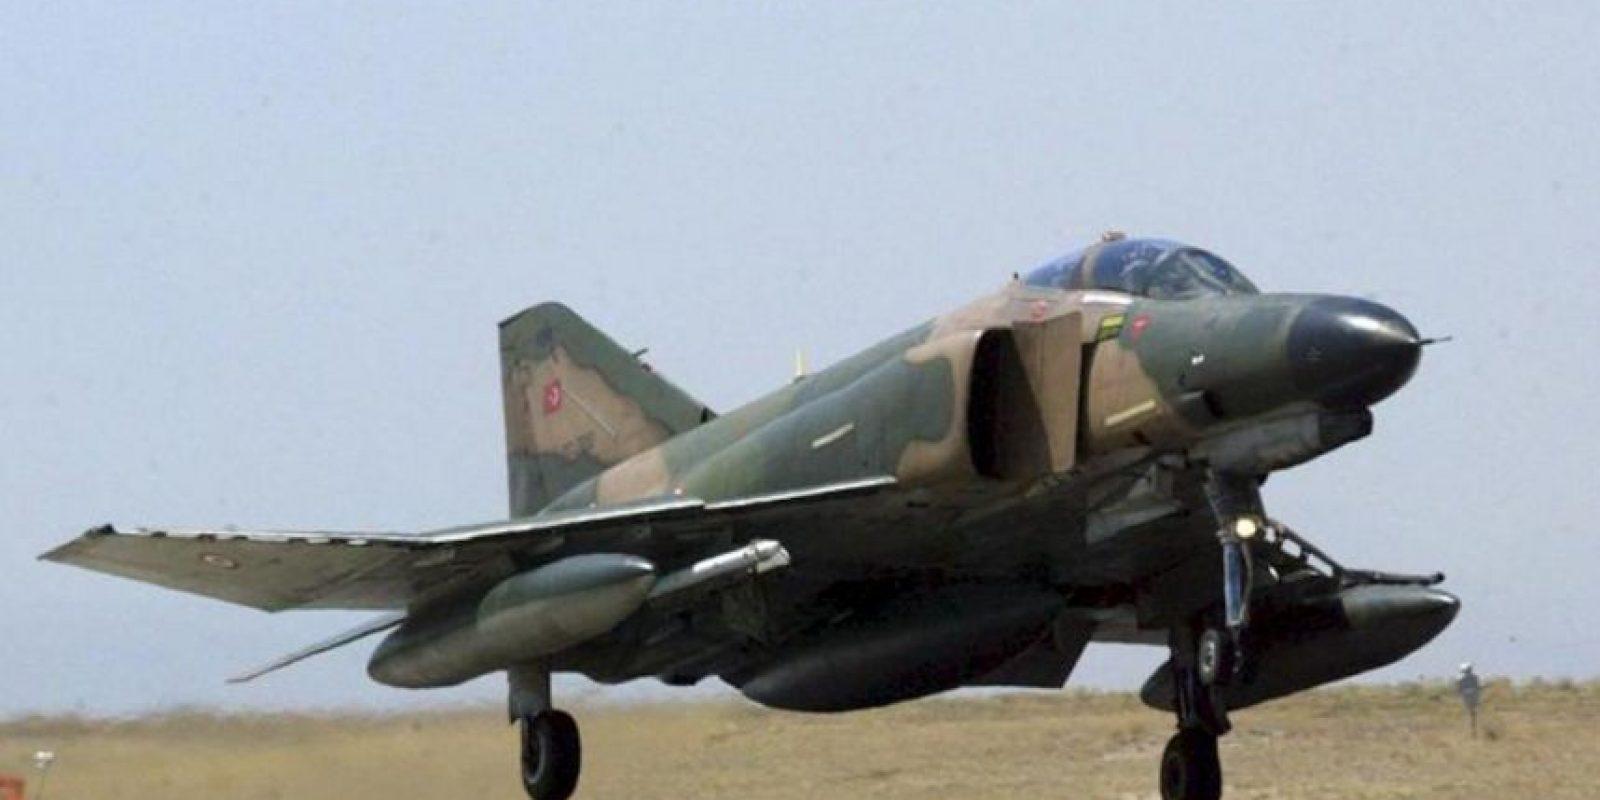 En la imagen, un Phantom fighter F-4 turco en una localización desconocida. EFE/Archivo